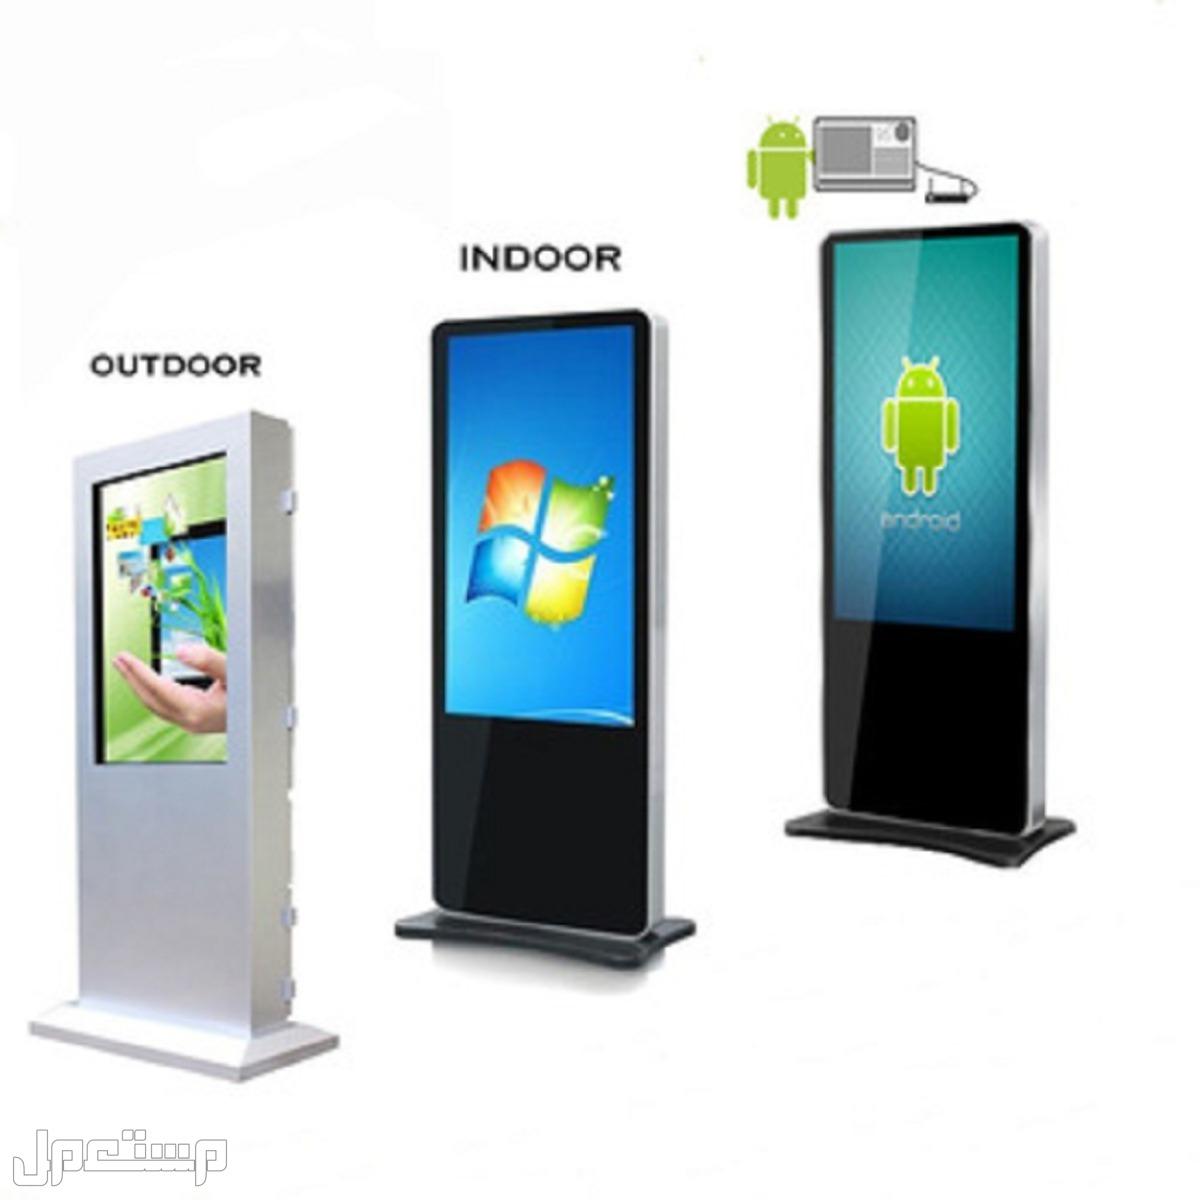 شاشات العرض التفاعليه الدعائية الرقمية وانظمة التحكم 0544217662